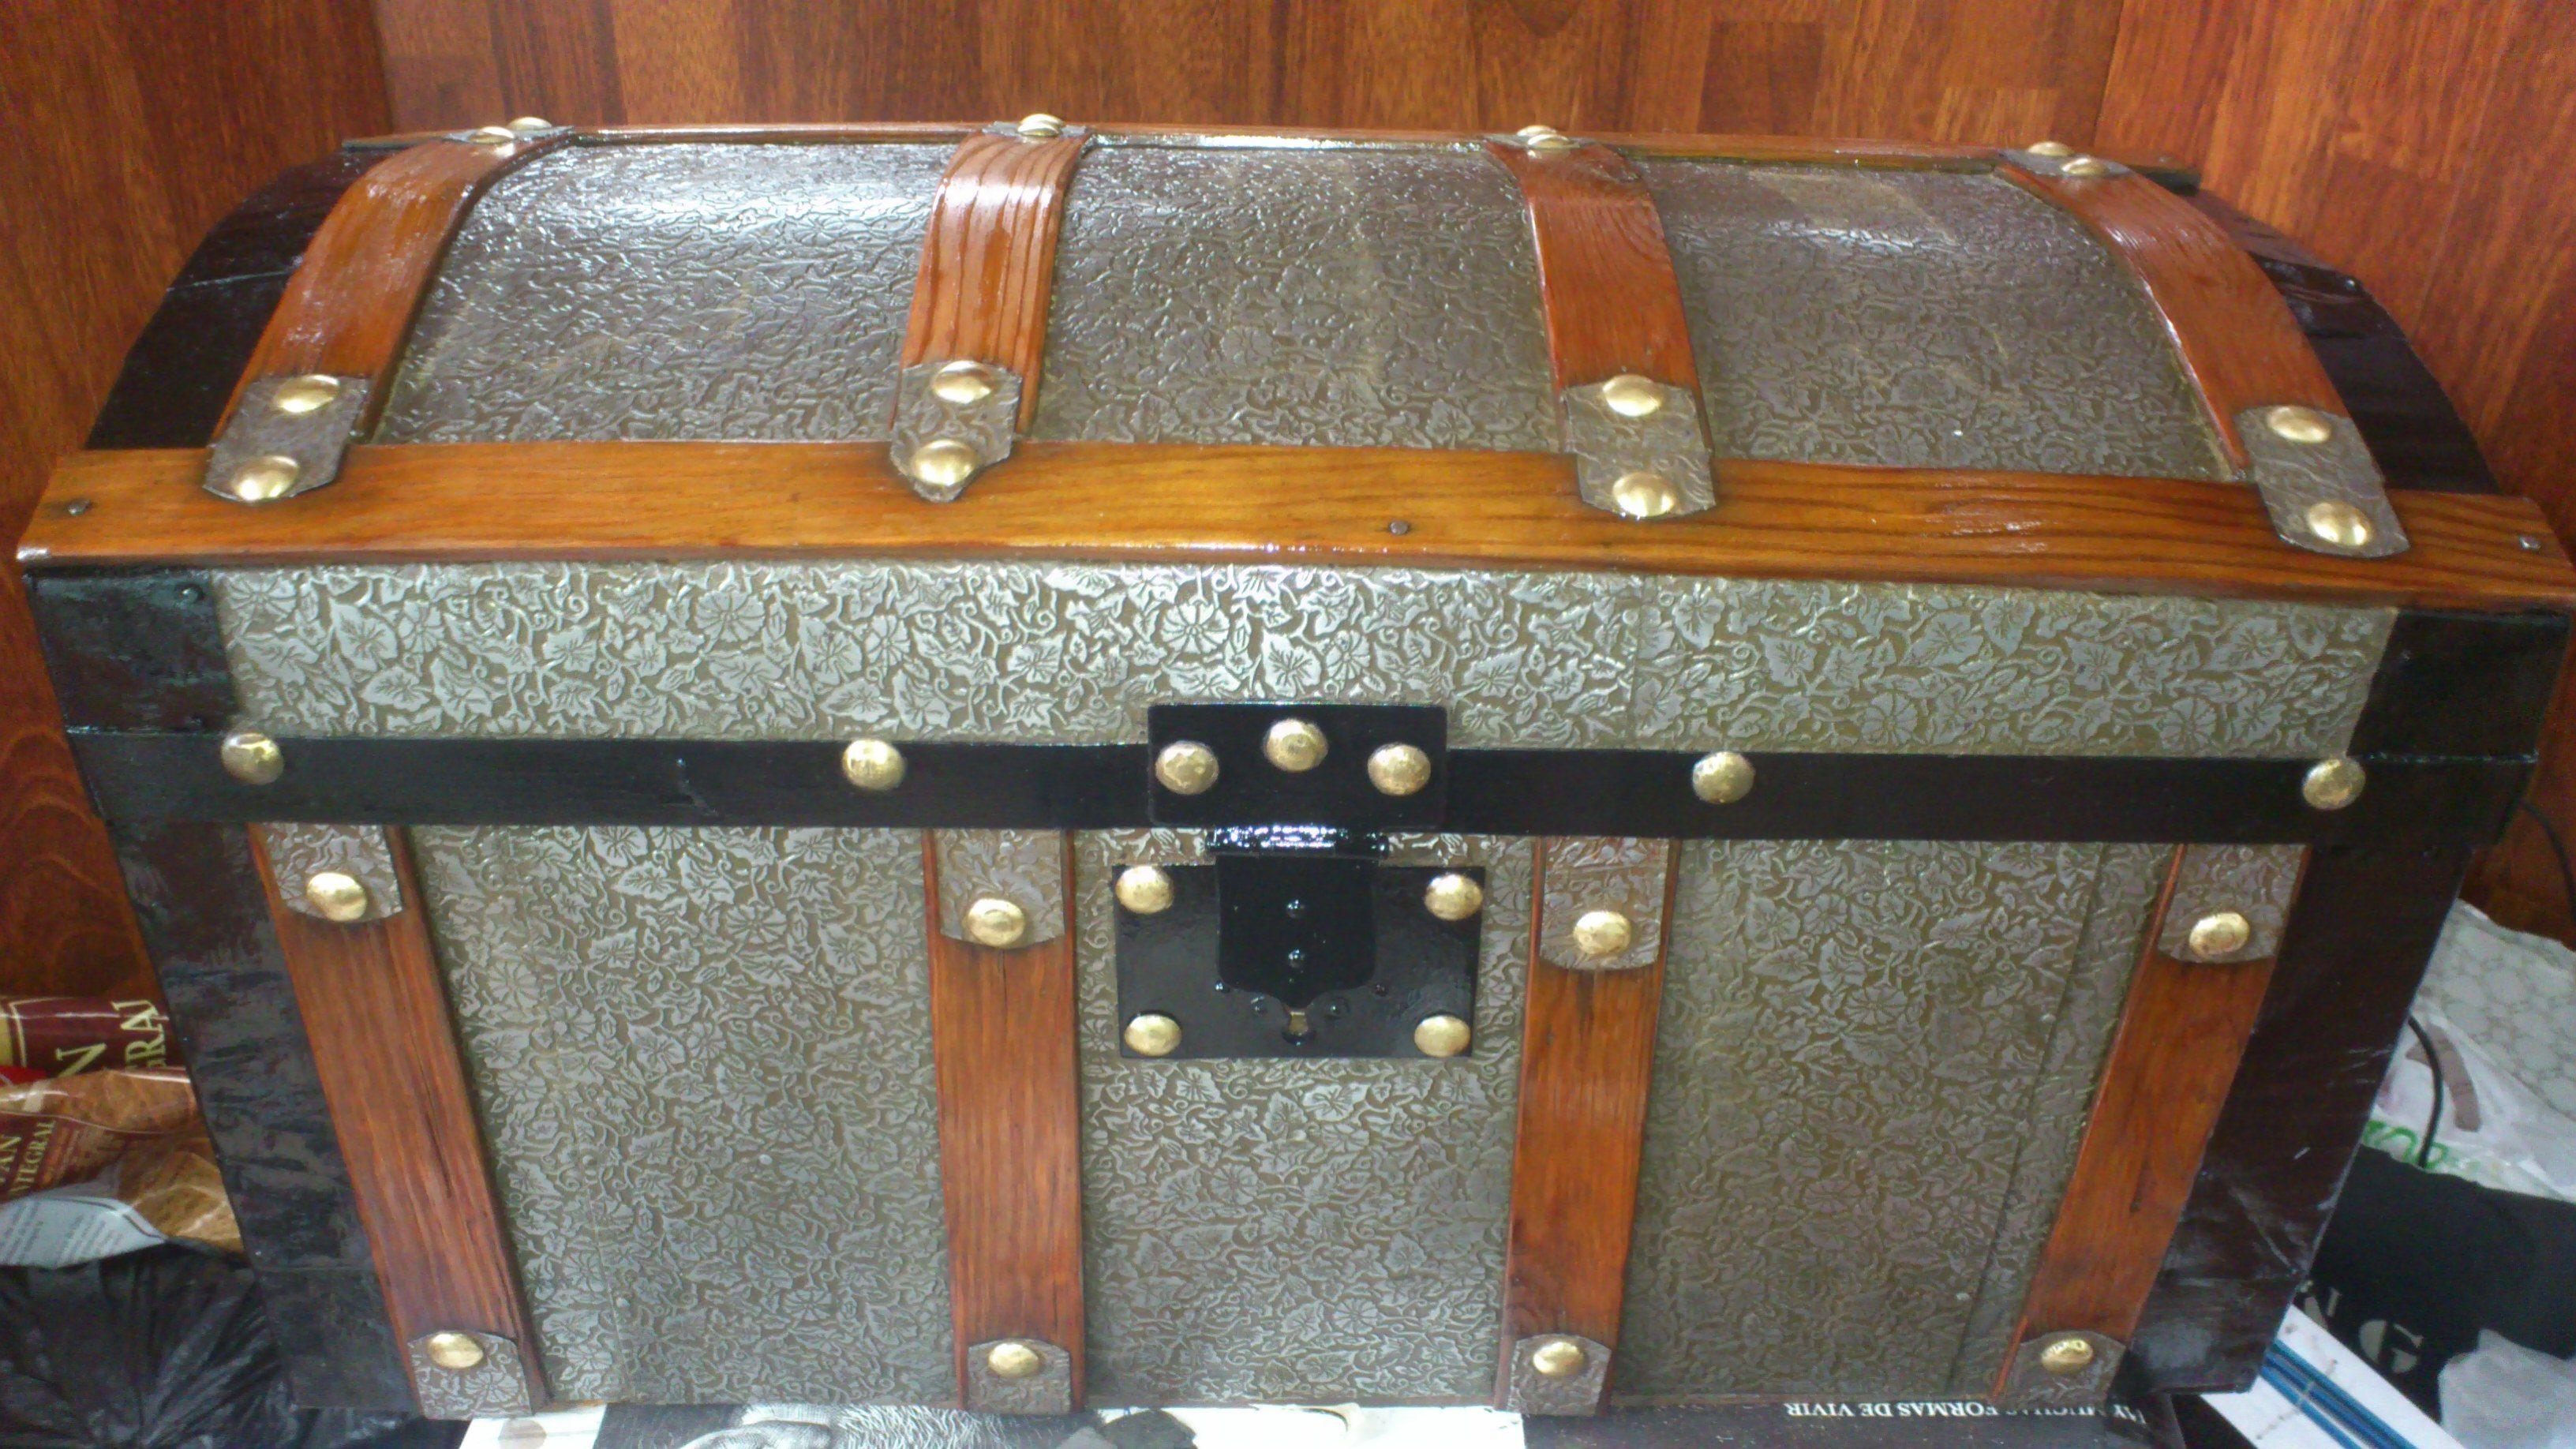 Restauración del baúl antiguo. Mi tesoro!! maderademindi.blogspot.com.es #restauracion #tesoros #decor #diy #creative #lomasantiguo #ideas #desing #baules #nuevosproyectos #antigüedades